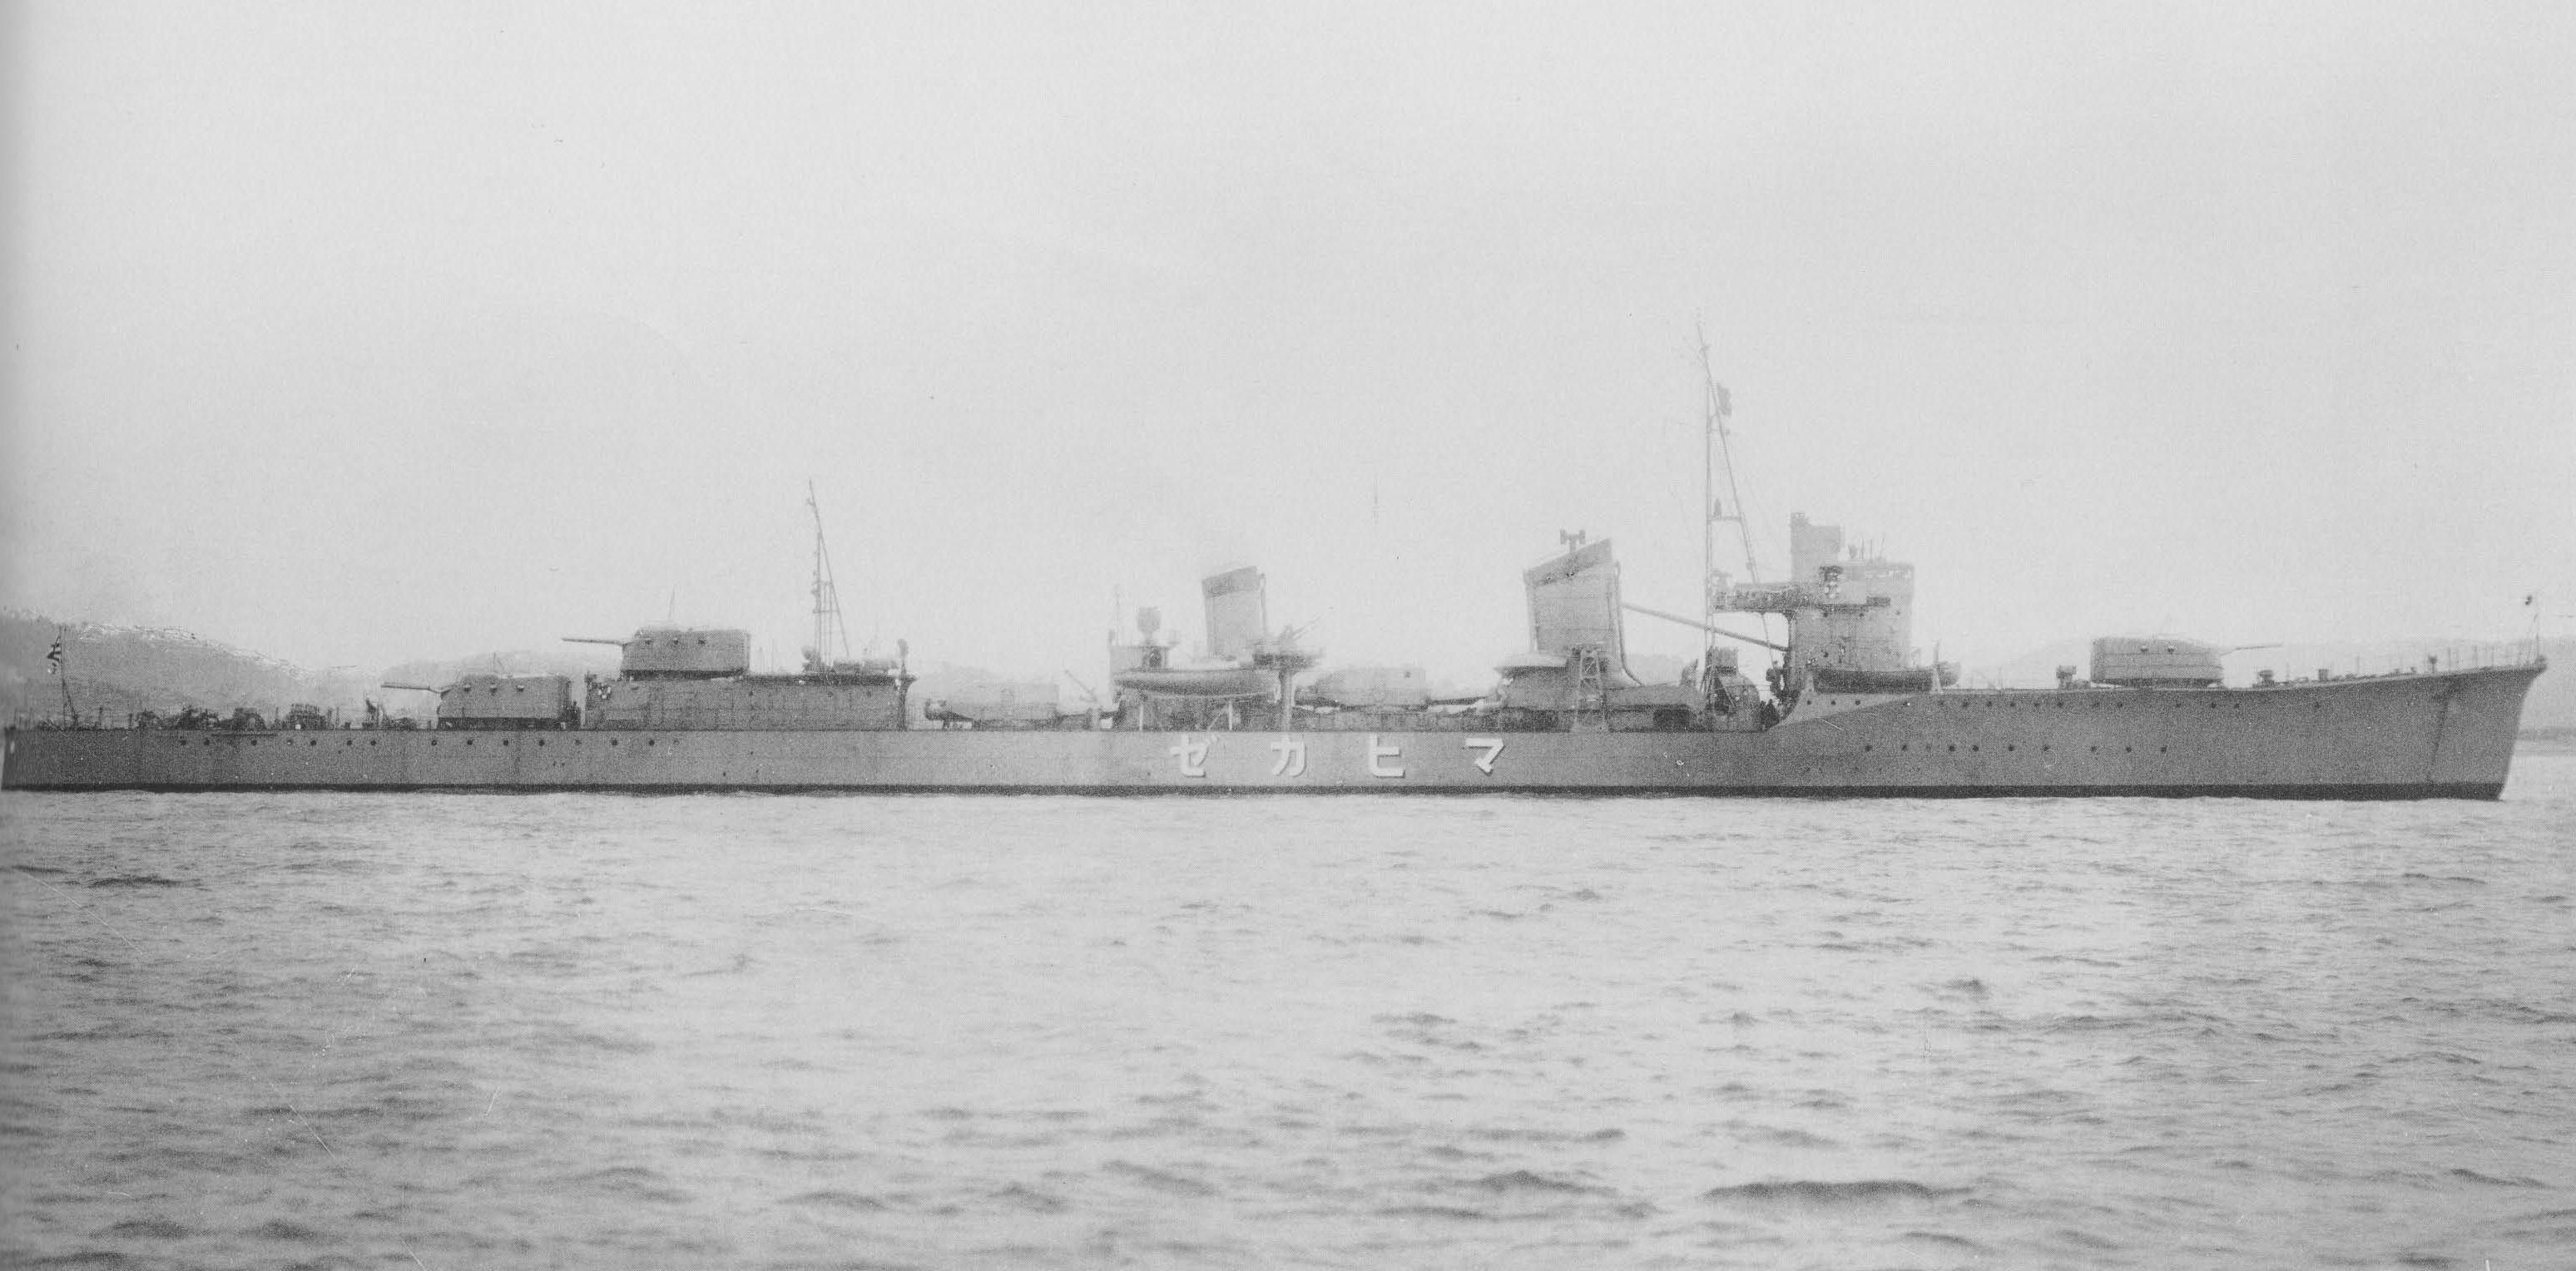 舞风号驱逐舰